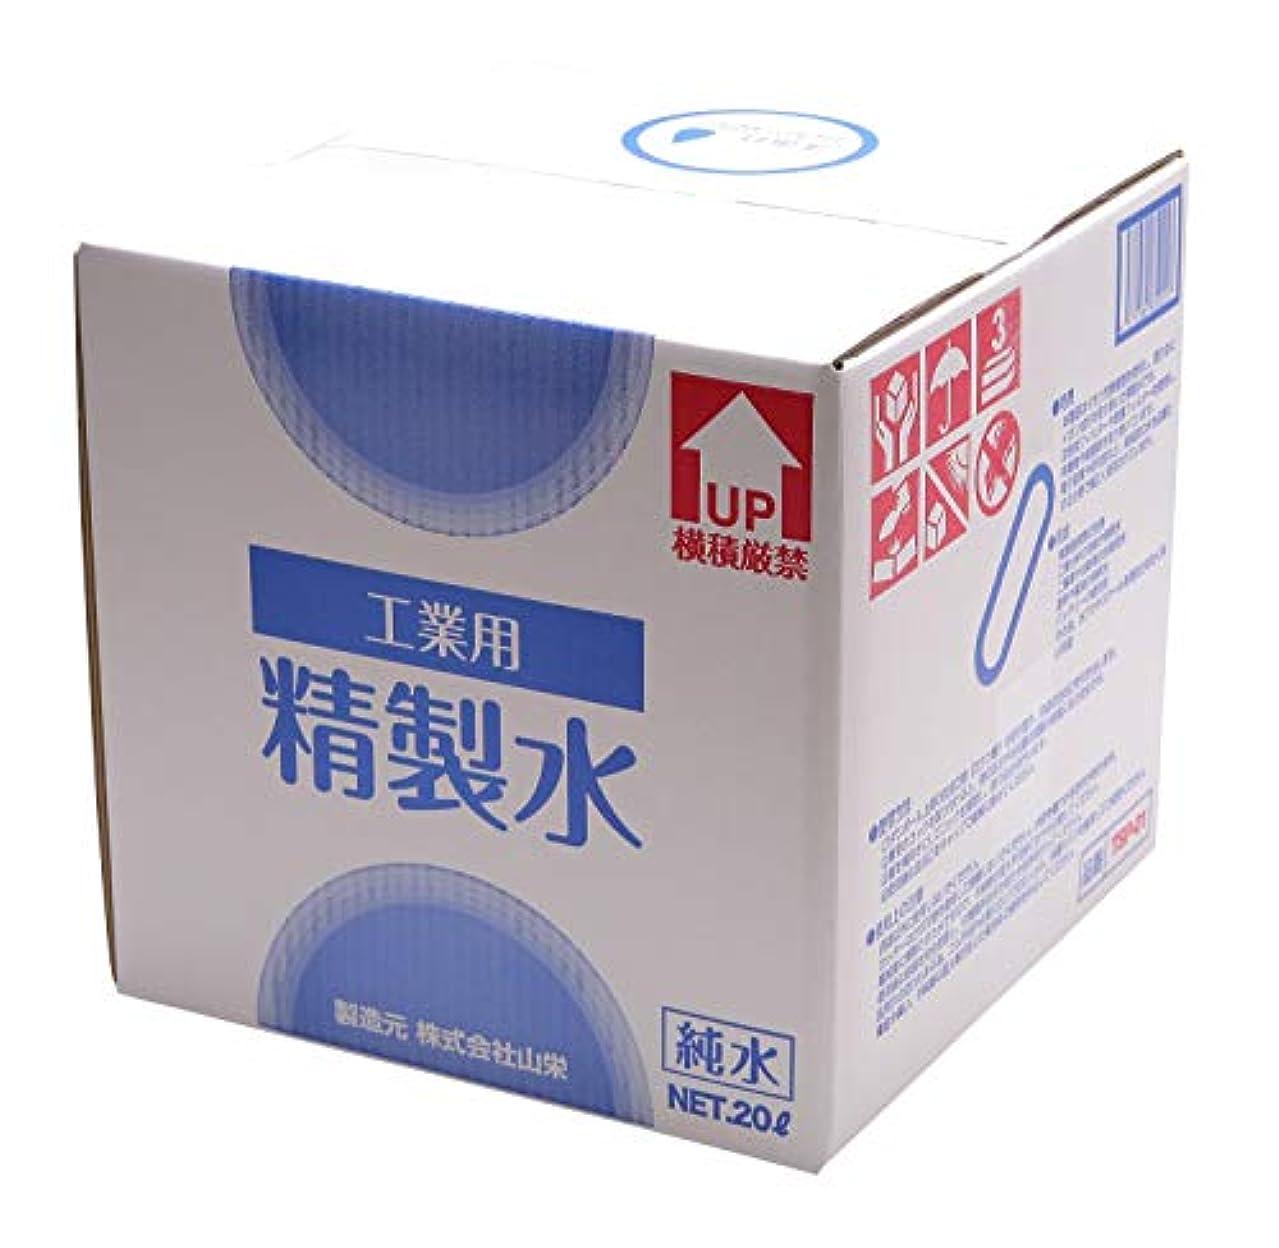 なぜならうまくやる()鉄サンエイ化学 工業用精製水 純水 20L×1箱 コックなし 【スチーマー 加湿器 オートクレーブ エステ 美容 歯科】